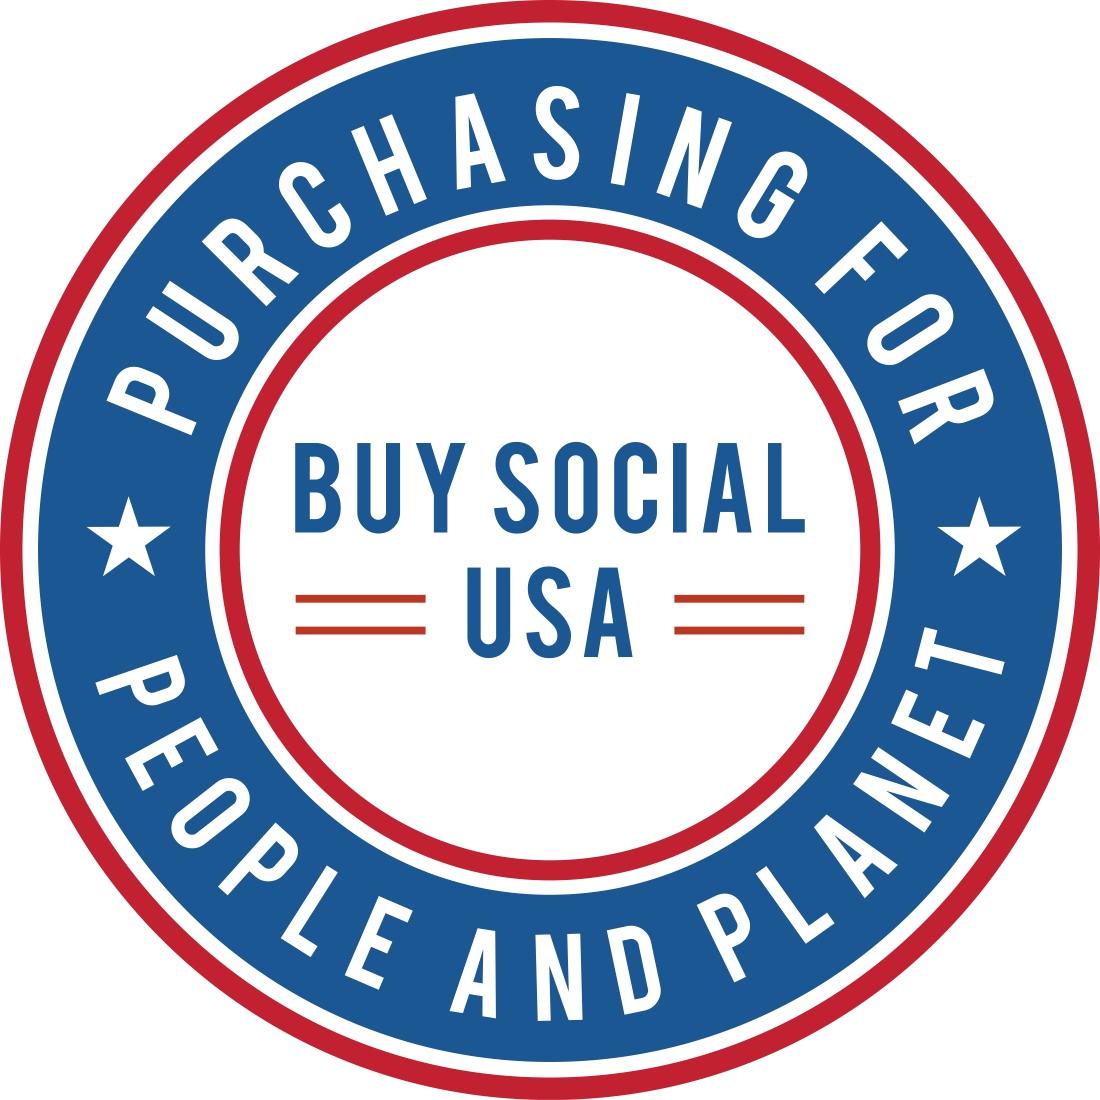 Buy Social USA